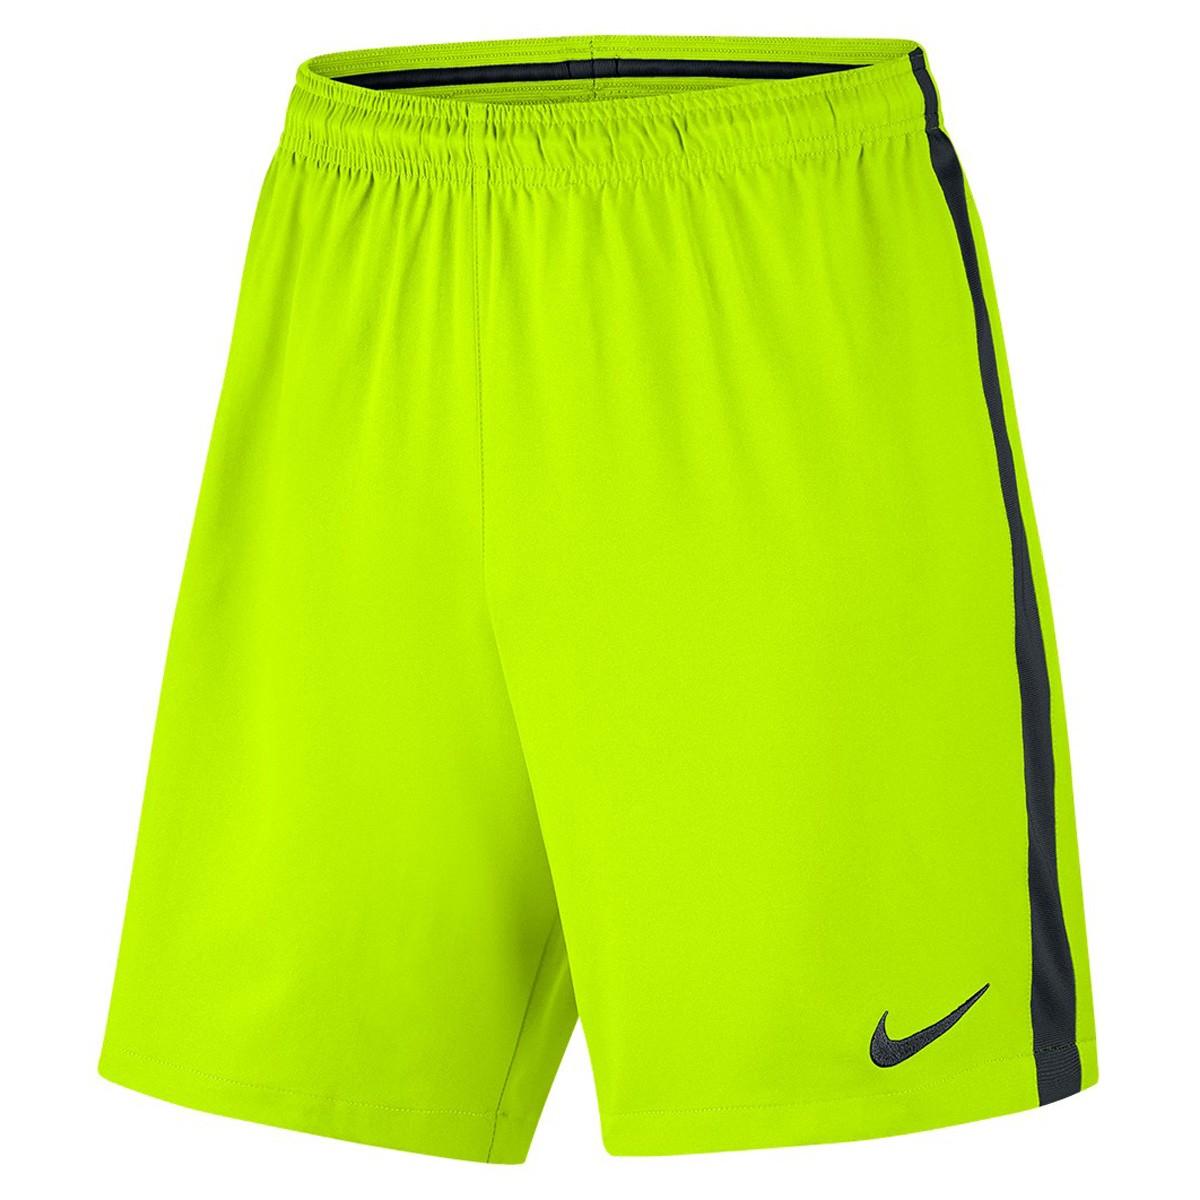 8e7f01a409a4b Bermuda Masculina Nike Dry Squad 807682-702 Verde Limão